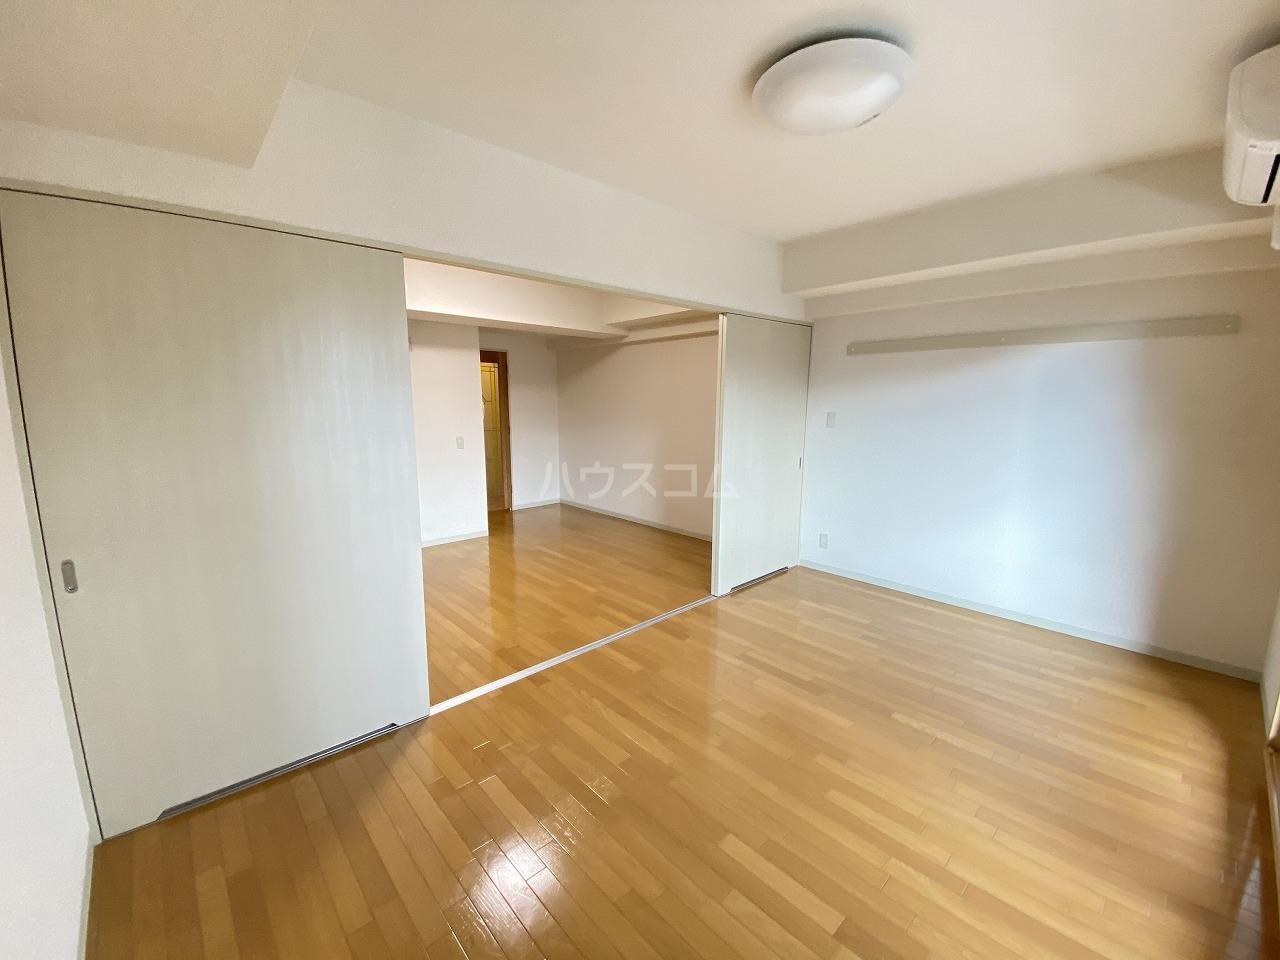 セクシオンドール 304号室のリビング